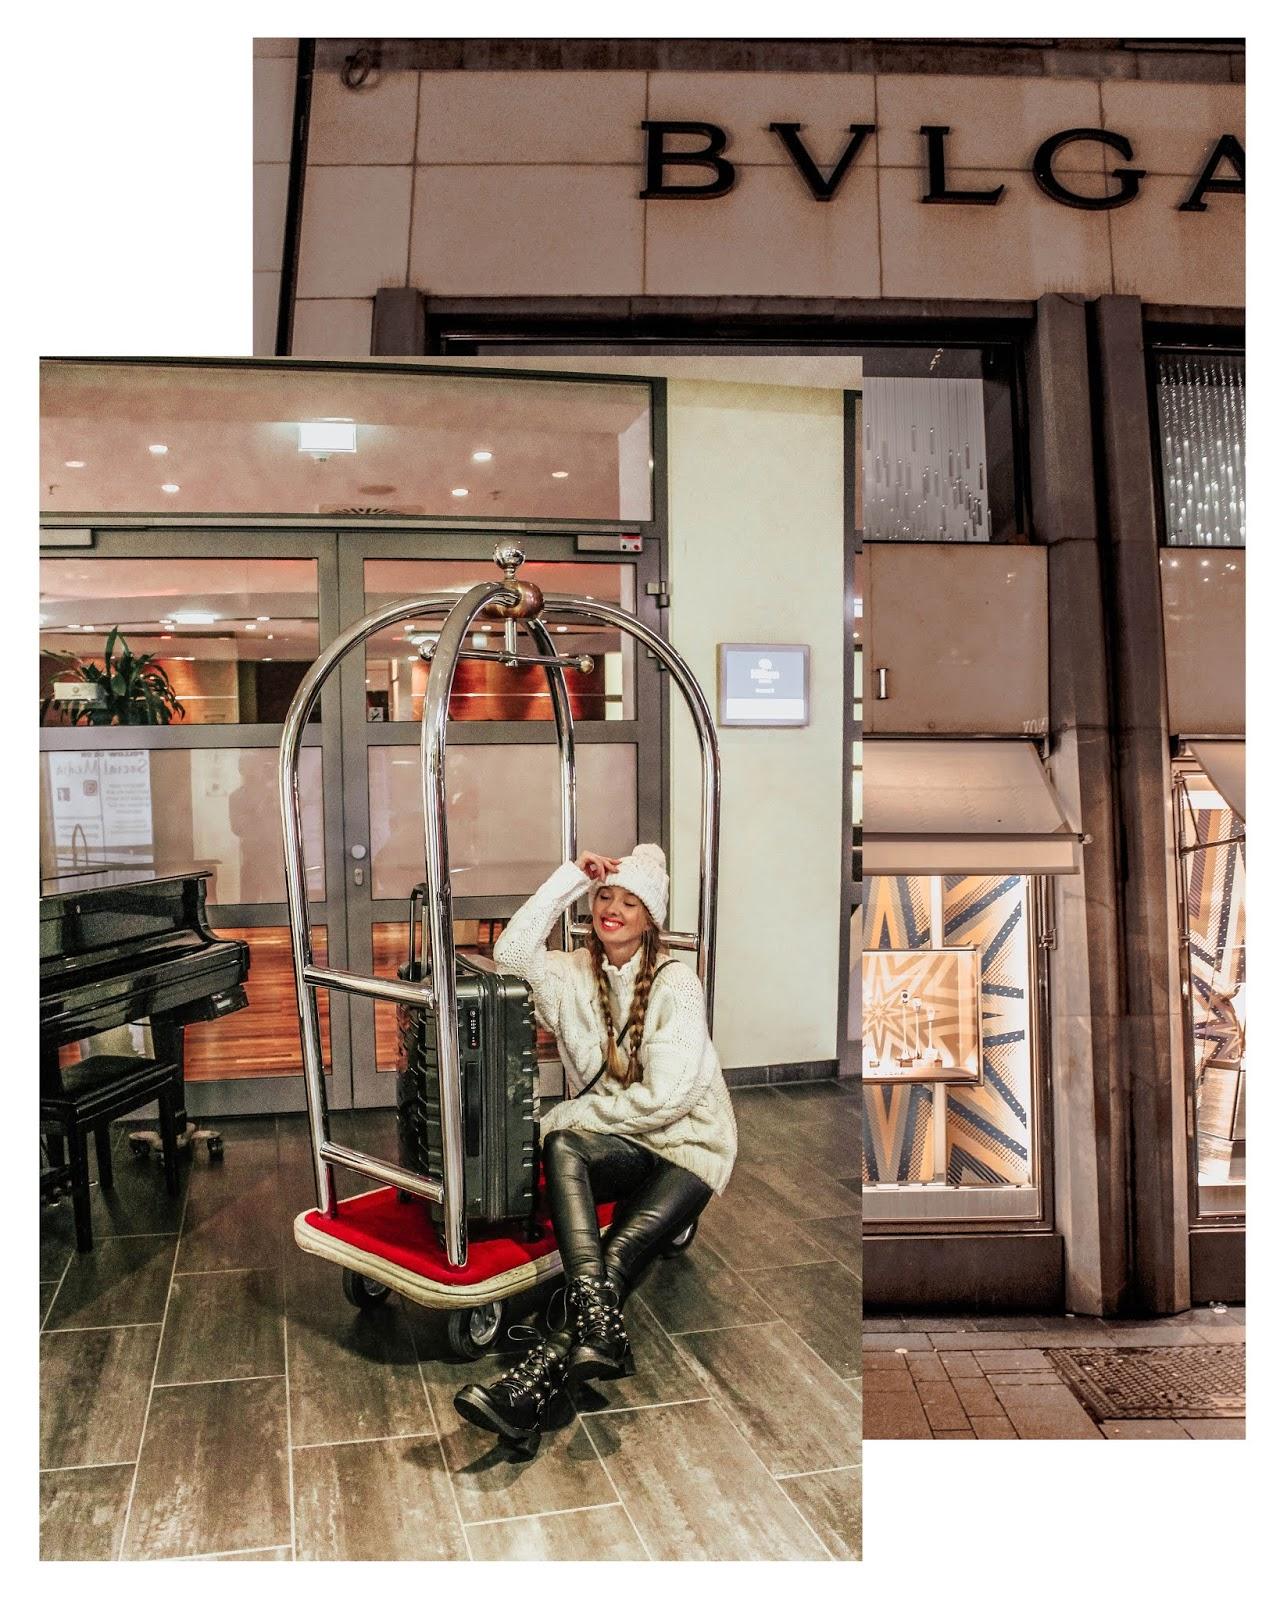 hotel Luggage Trolley Fashion Travel Blogger